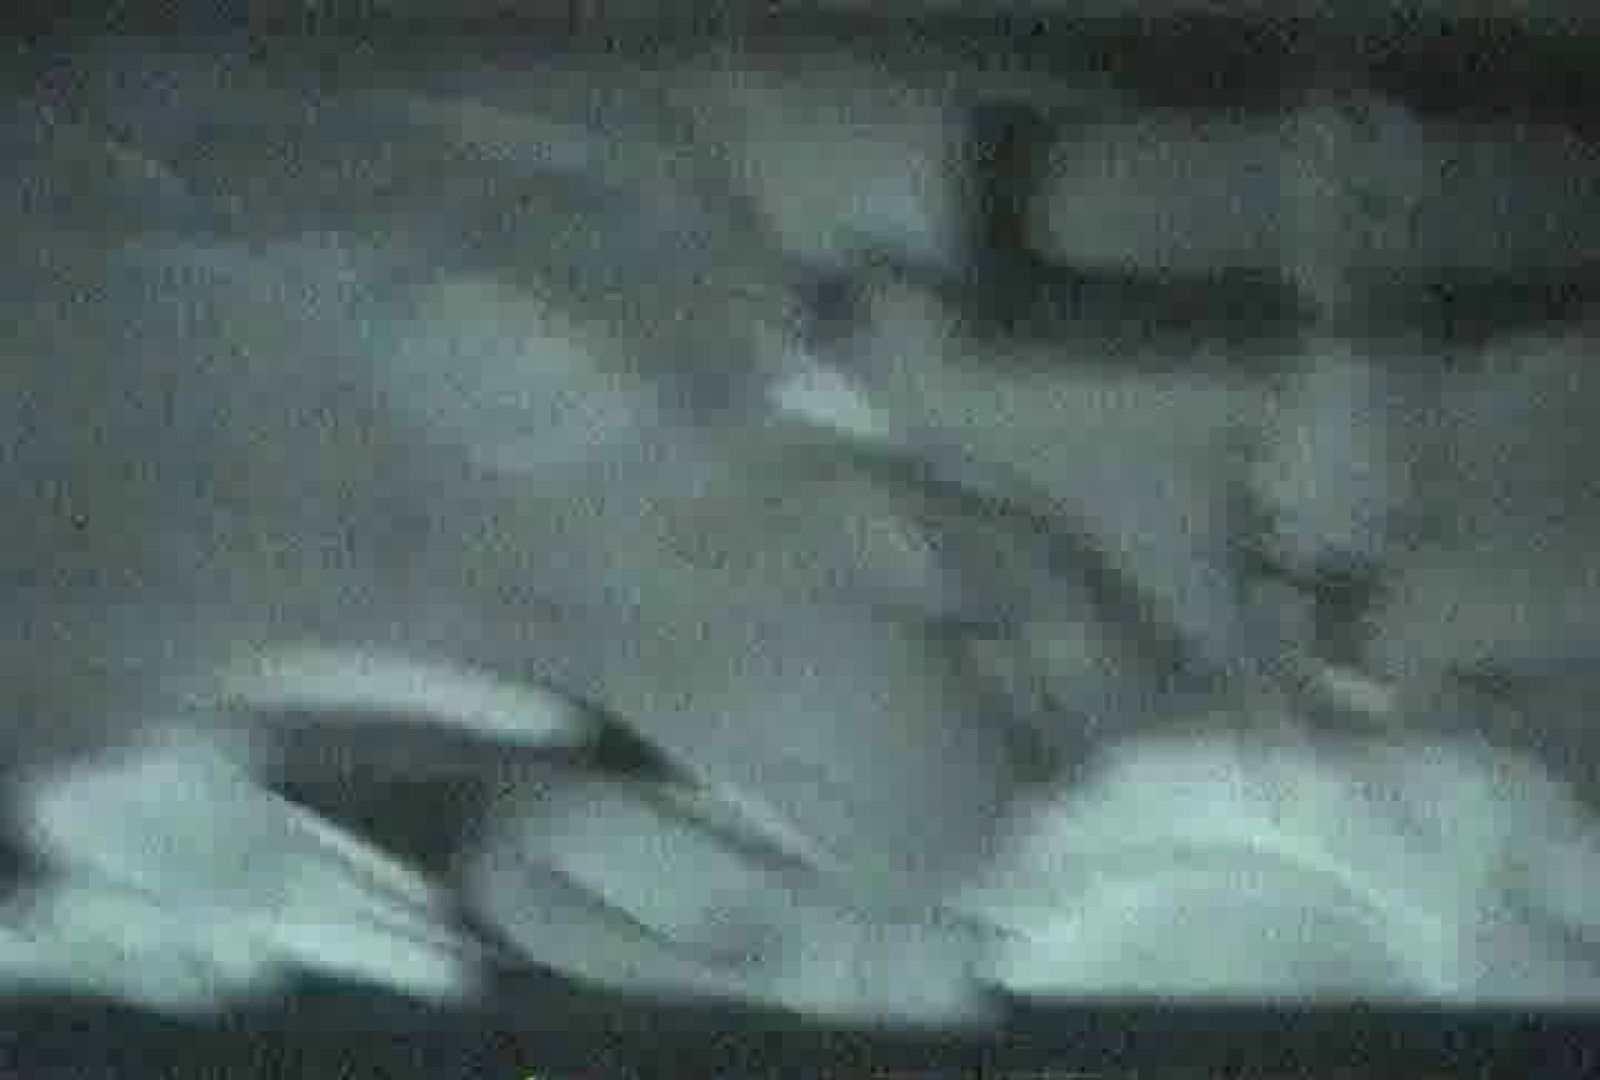 充血監督の深夜の運動会Vol.48 ギャル オマンコ無修正動画無料 75連発 3